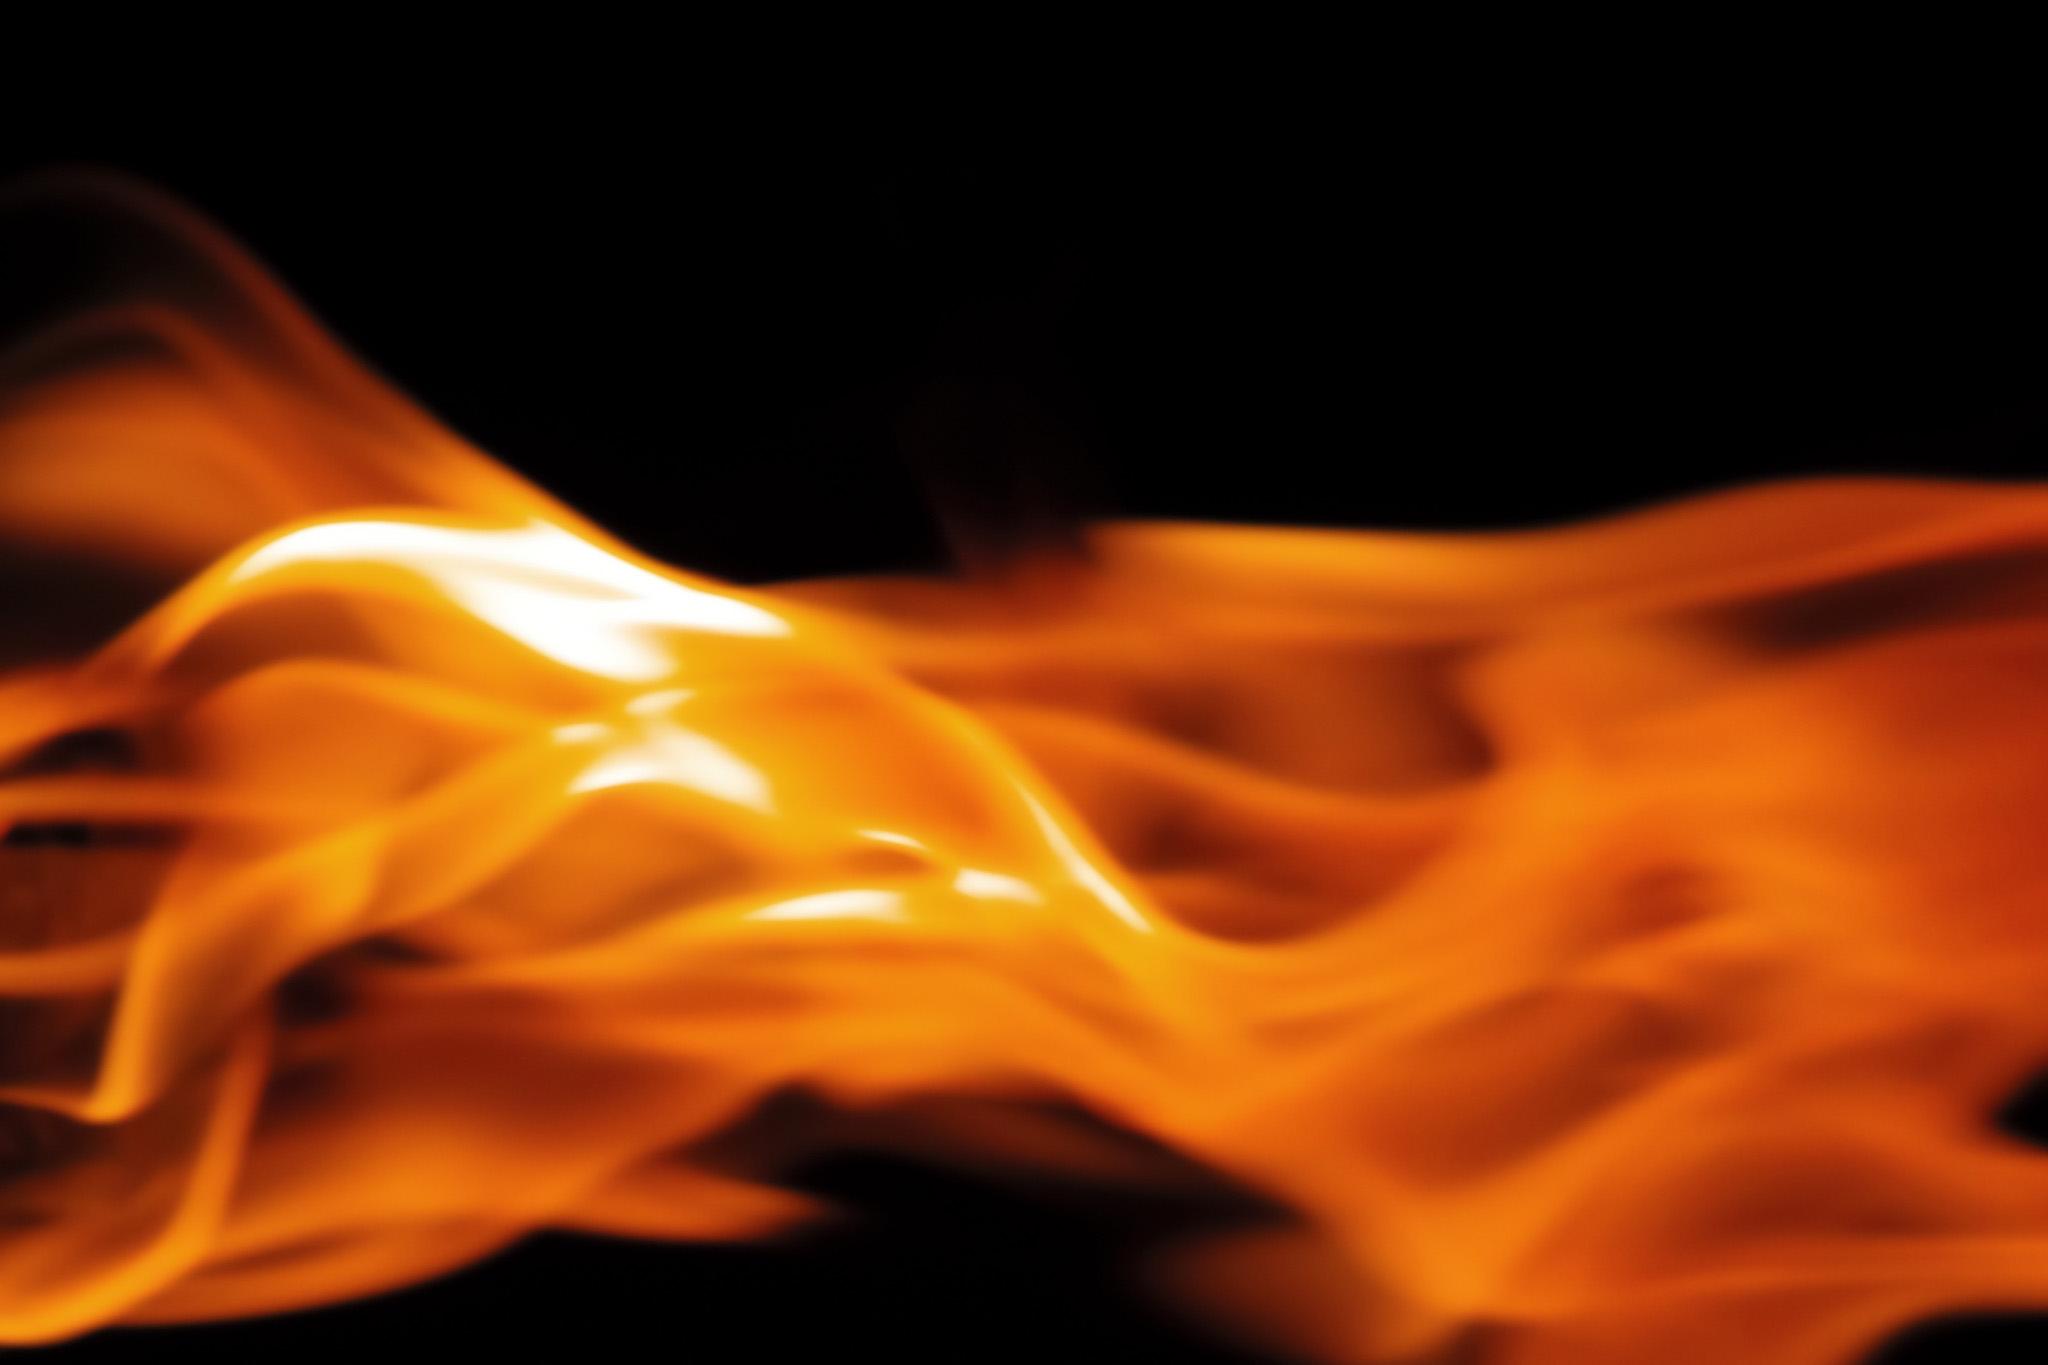 「生物のように横に広がる火」